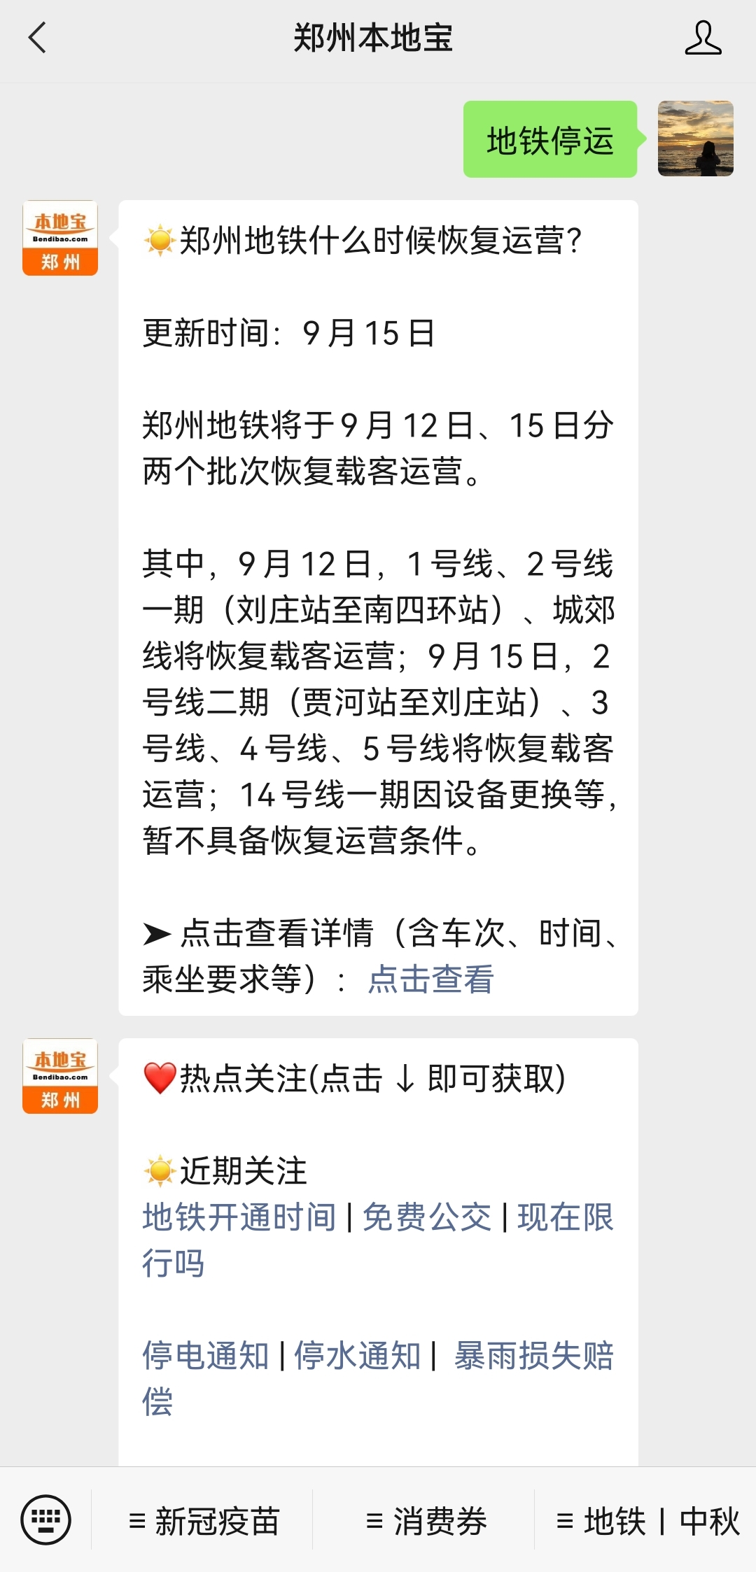 郑州地铁9月12日起分批恢复运营